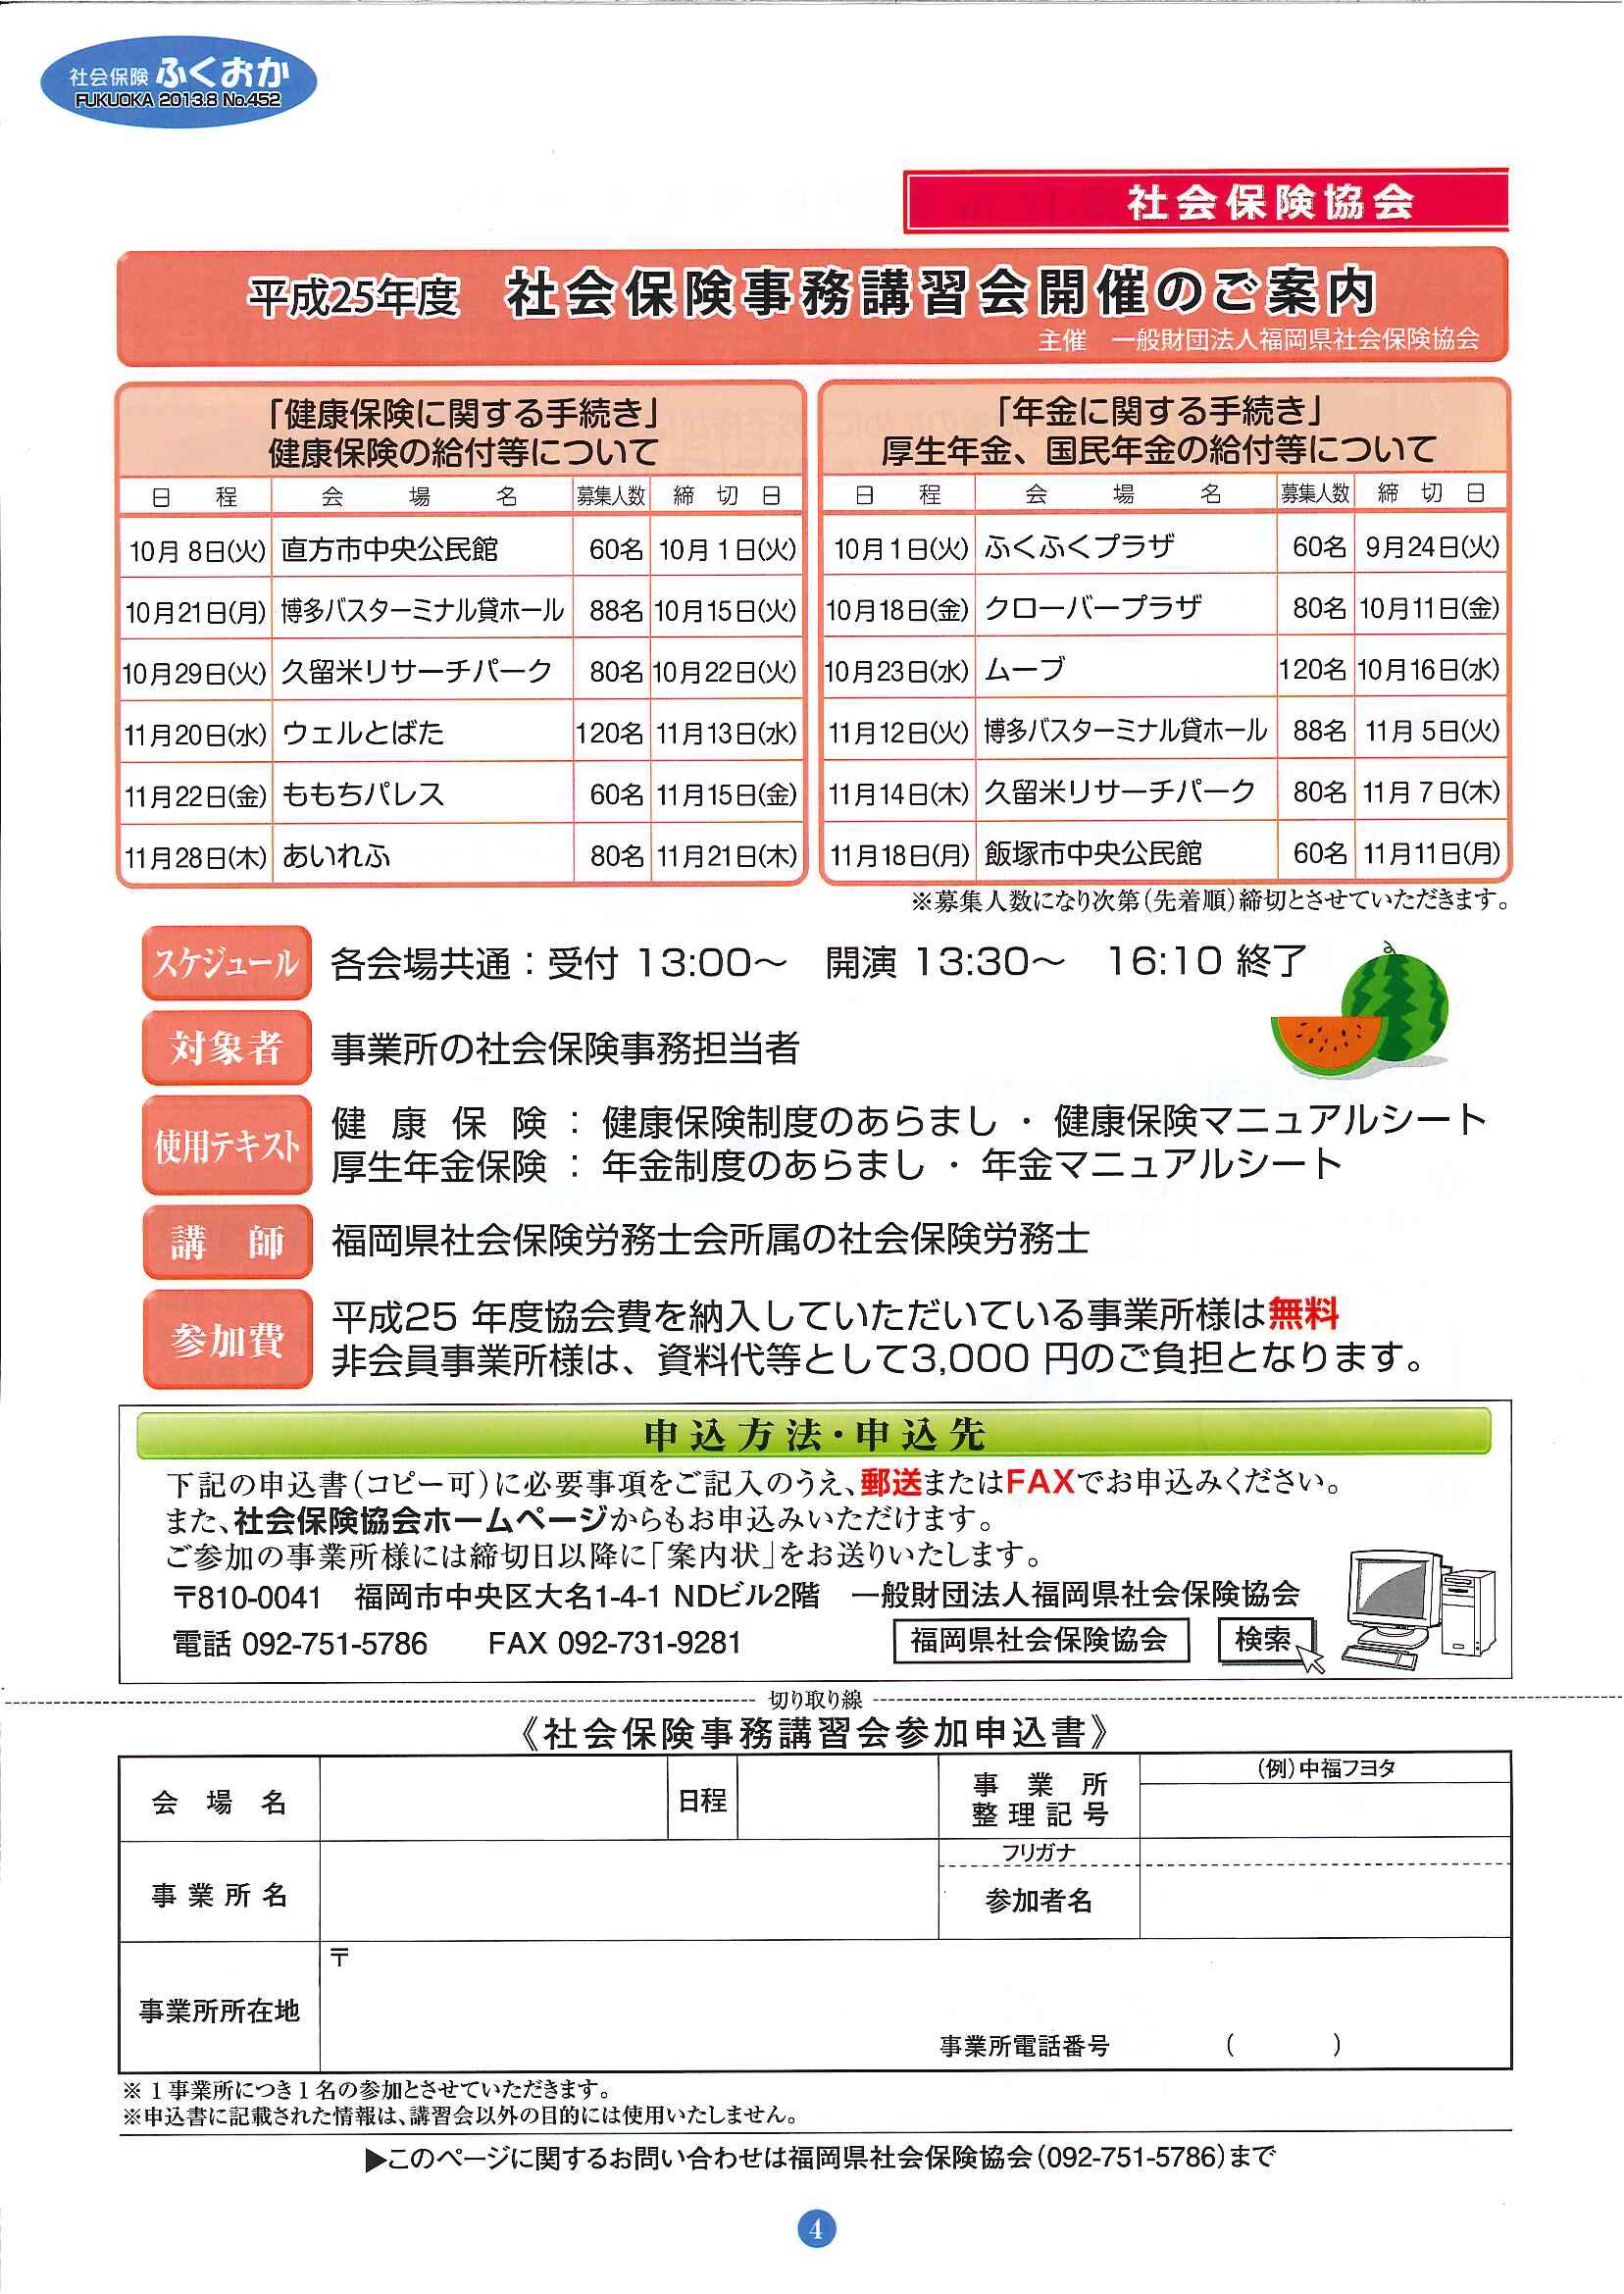 社会保険 ふくおか 2013年8月号_f0120774_14552420.jpg